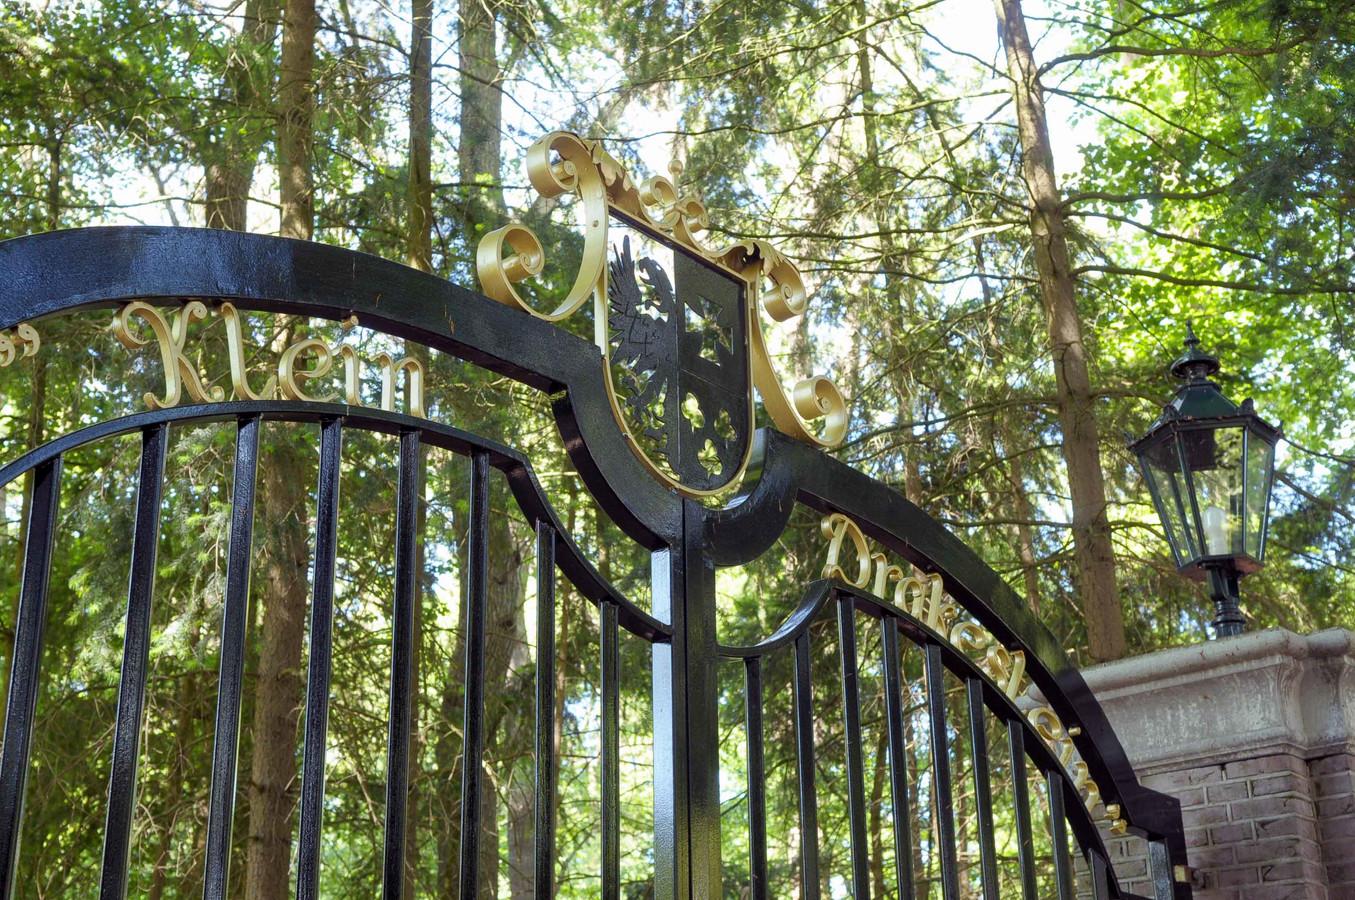 De bewoner zette smeedijzeren hekken neer met gouden letters